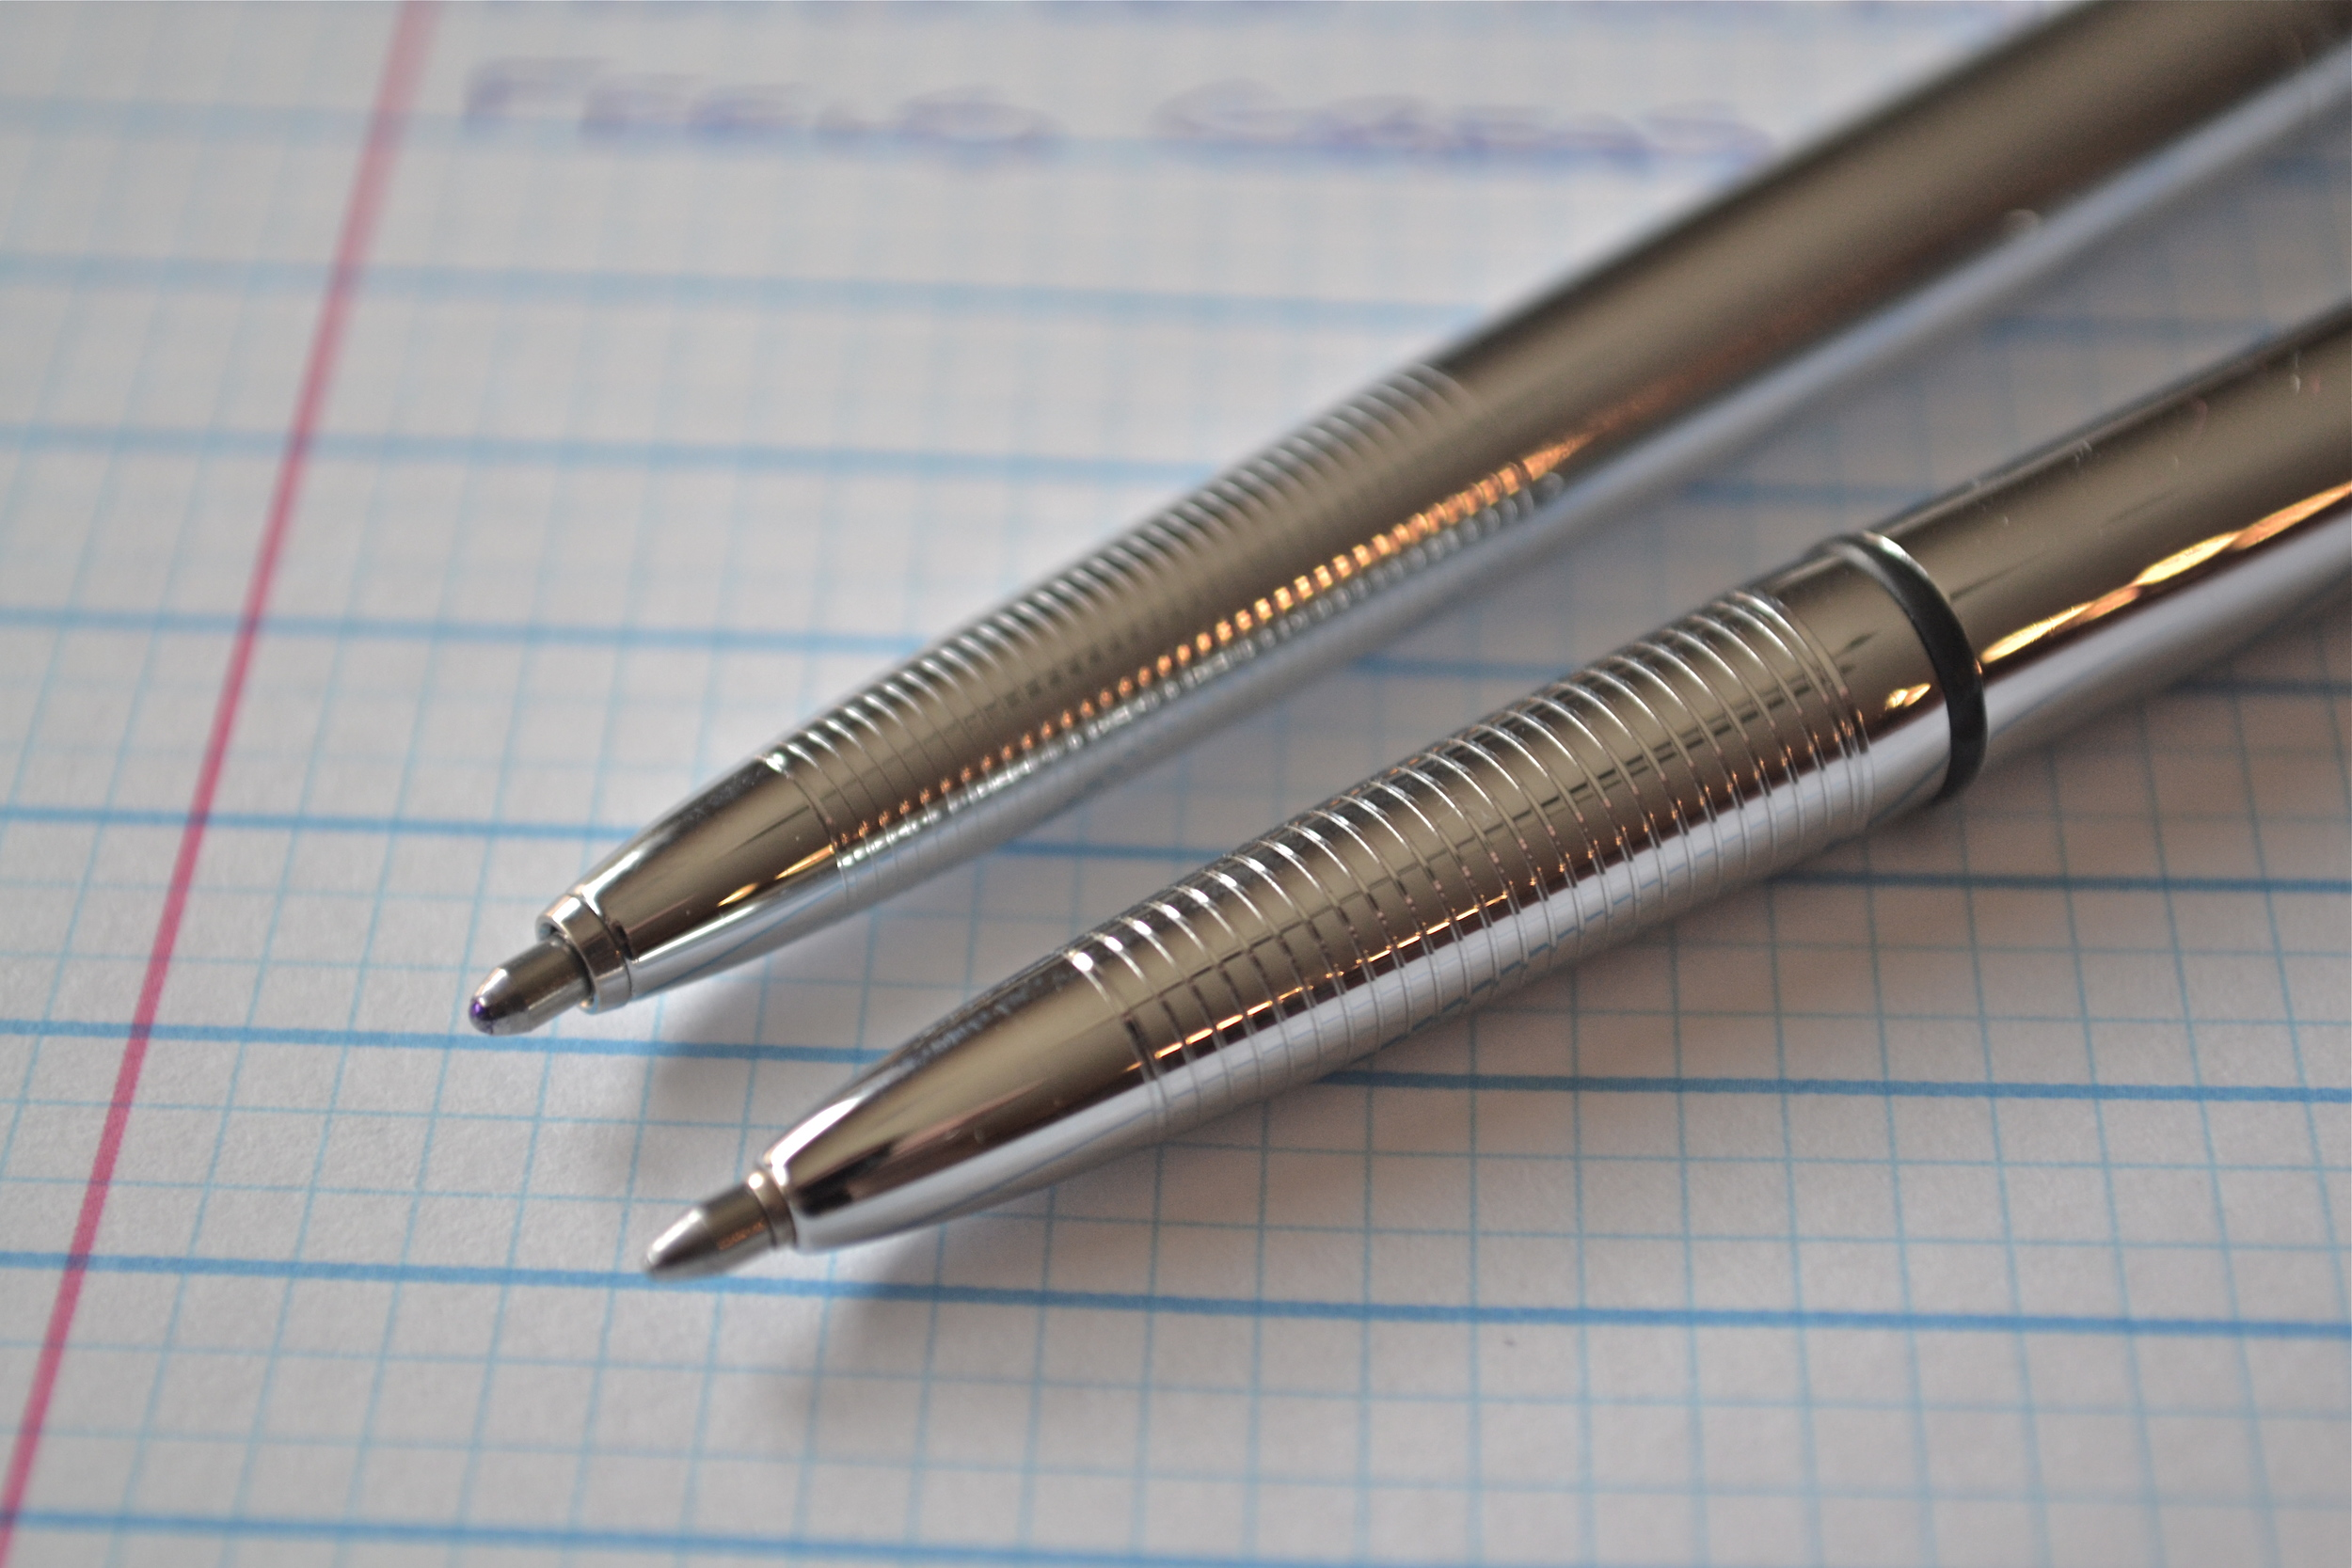 AG7, Left - Bullet Pen, Right